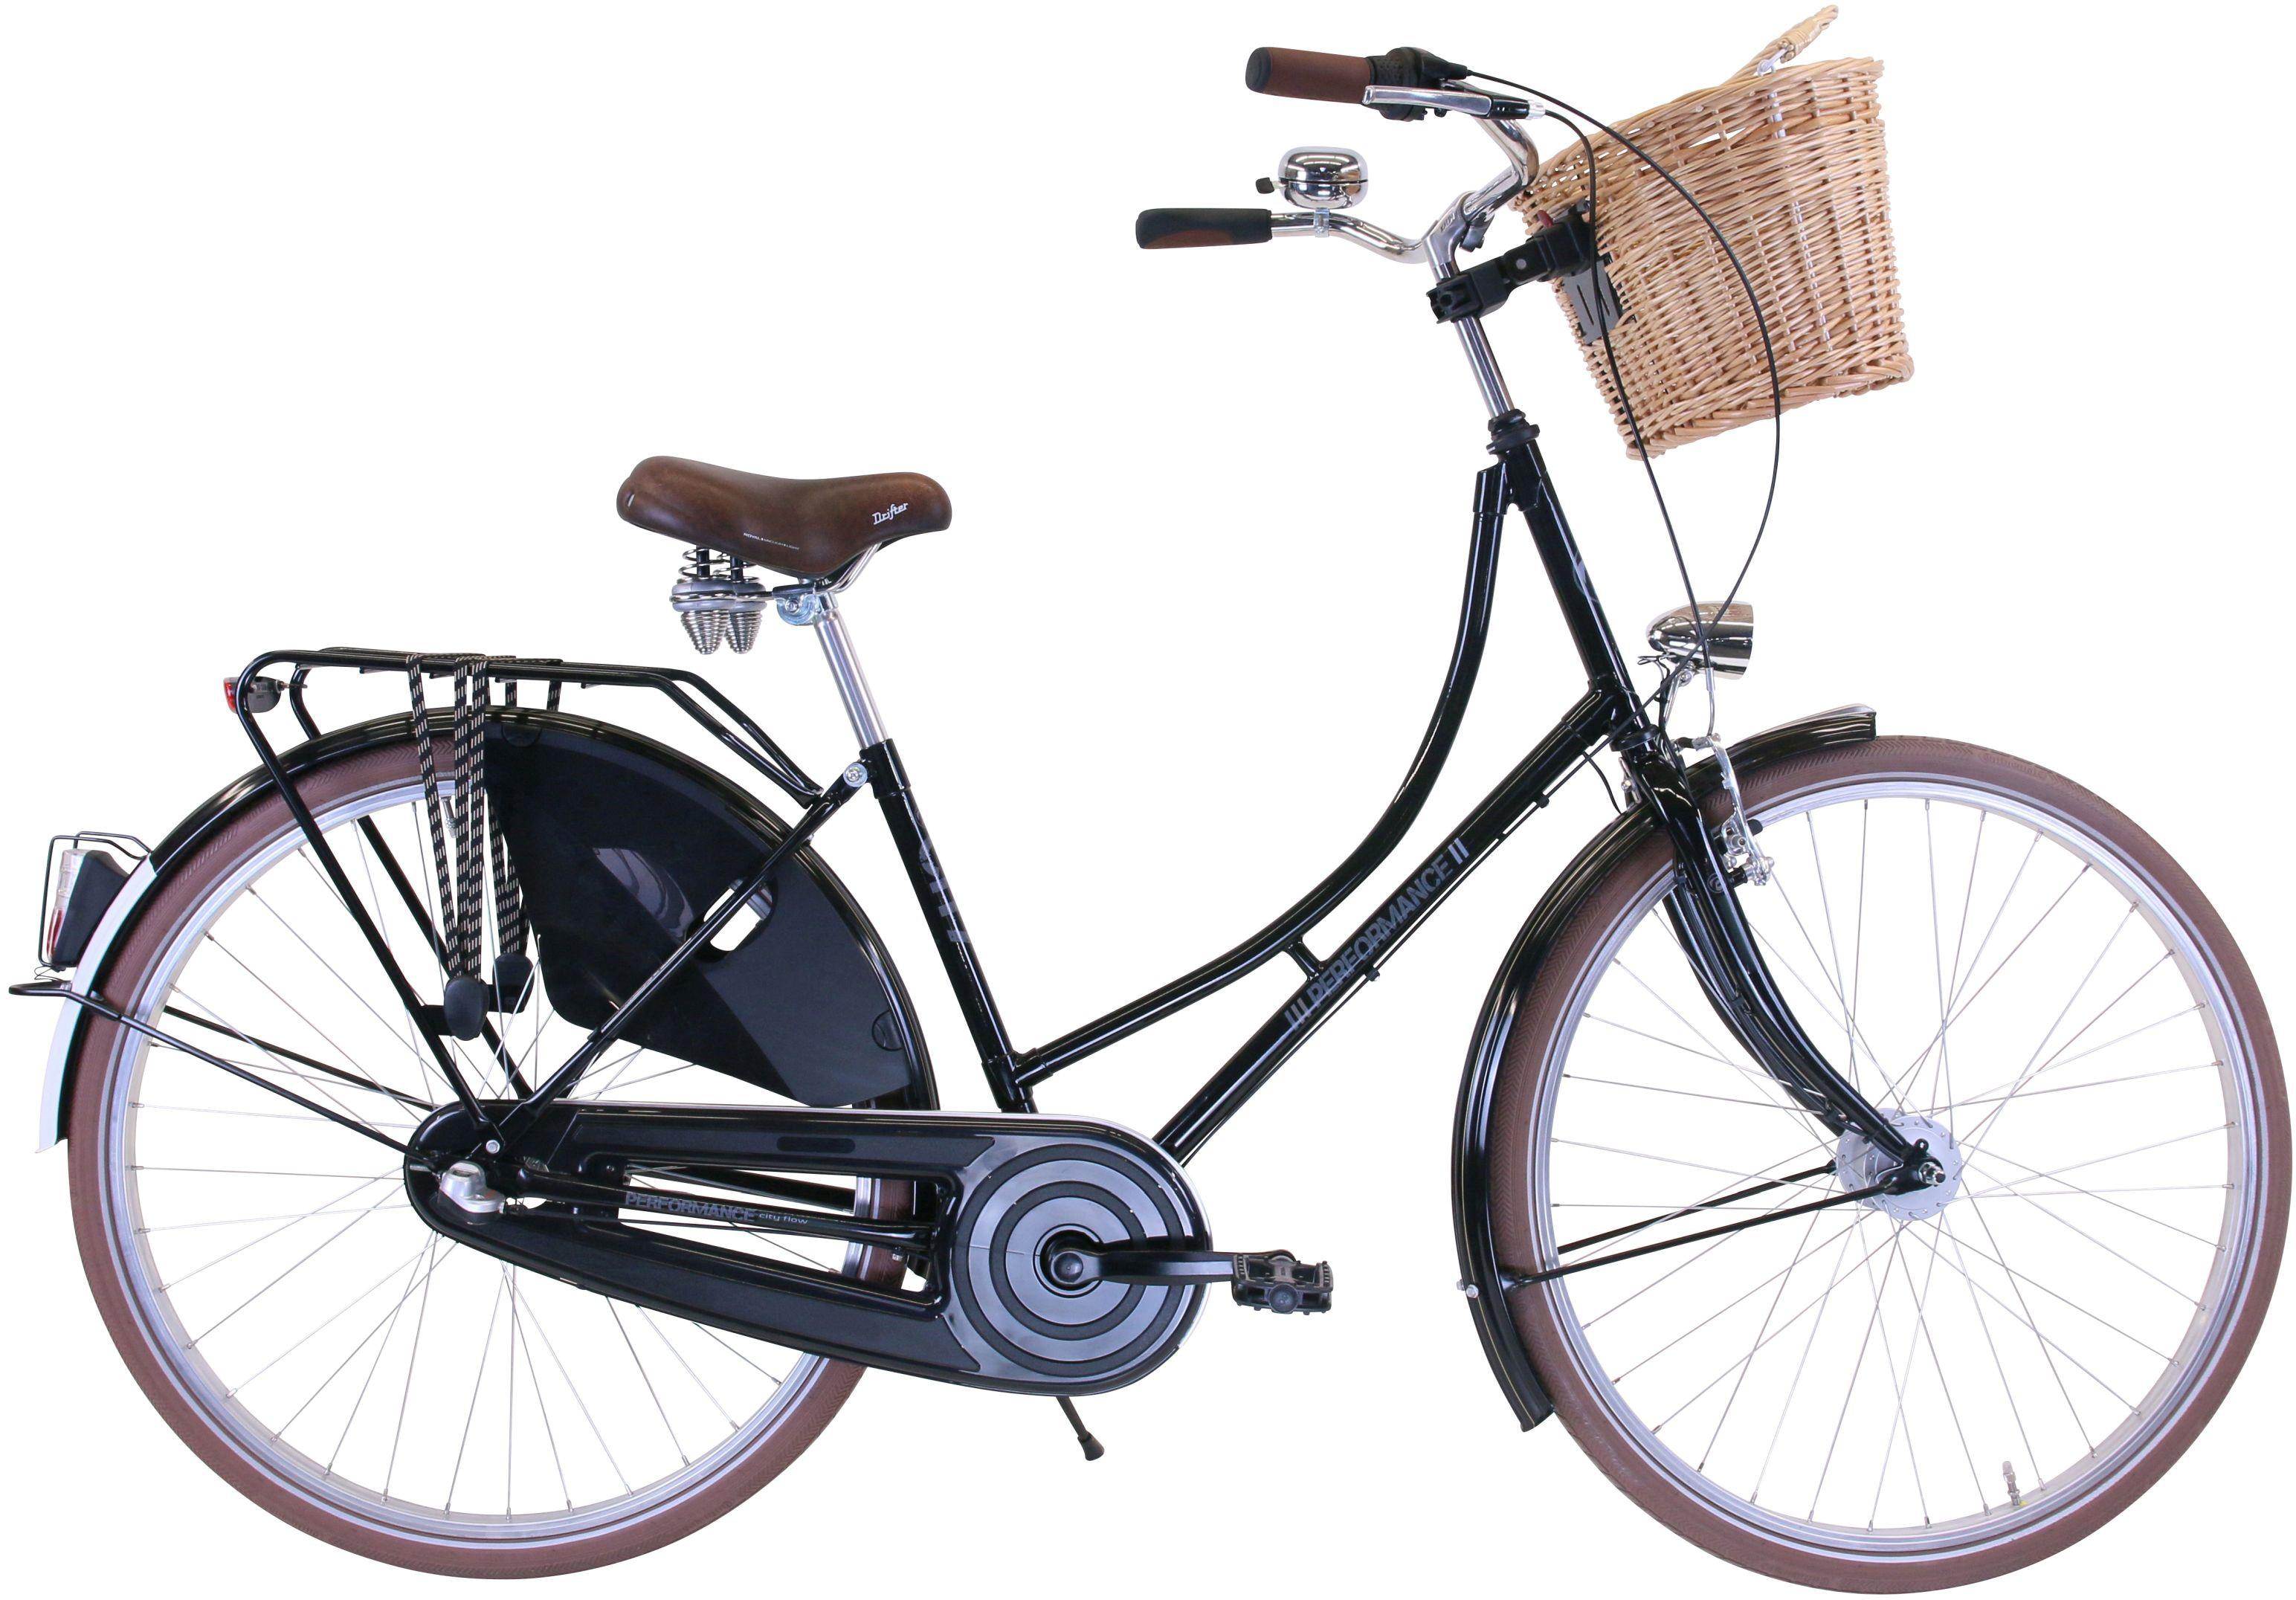 Performance Nostalgierad, 3 Gang, Shimano, NEXUS Schaltwerk, Nabenschaltung schwarz Damen Damenfahrräder Fahrräder Zubehör Nostalgierad